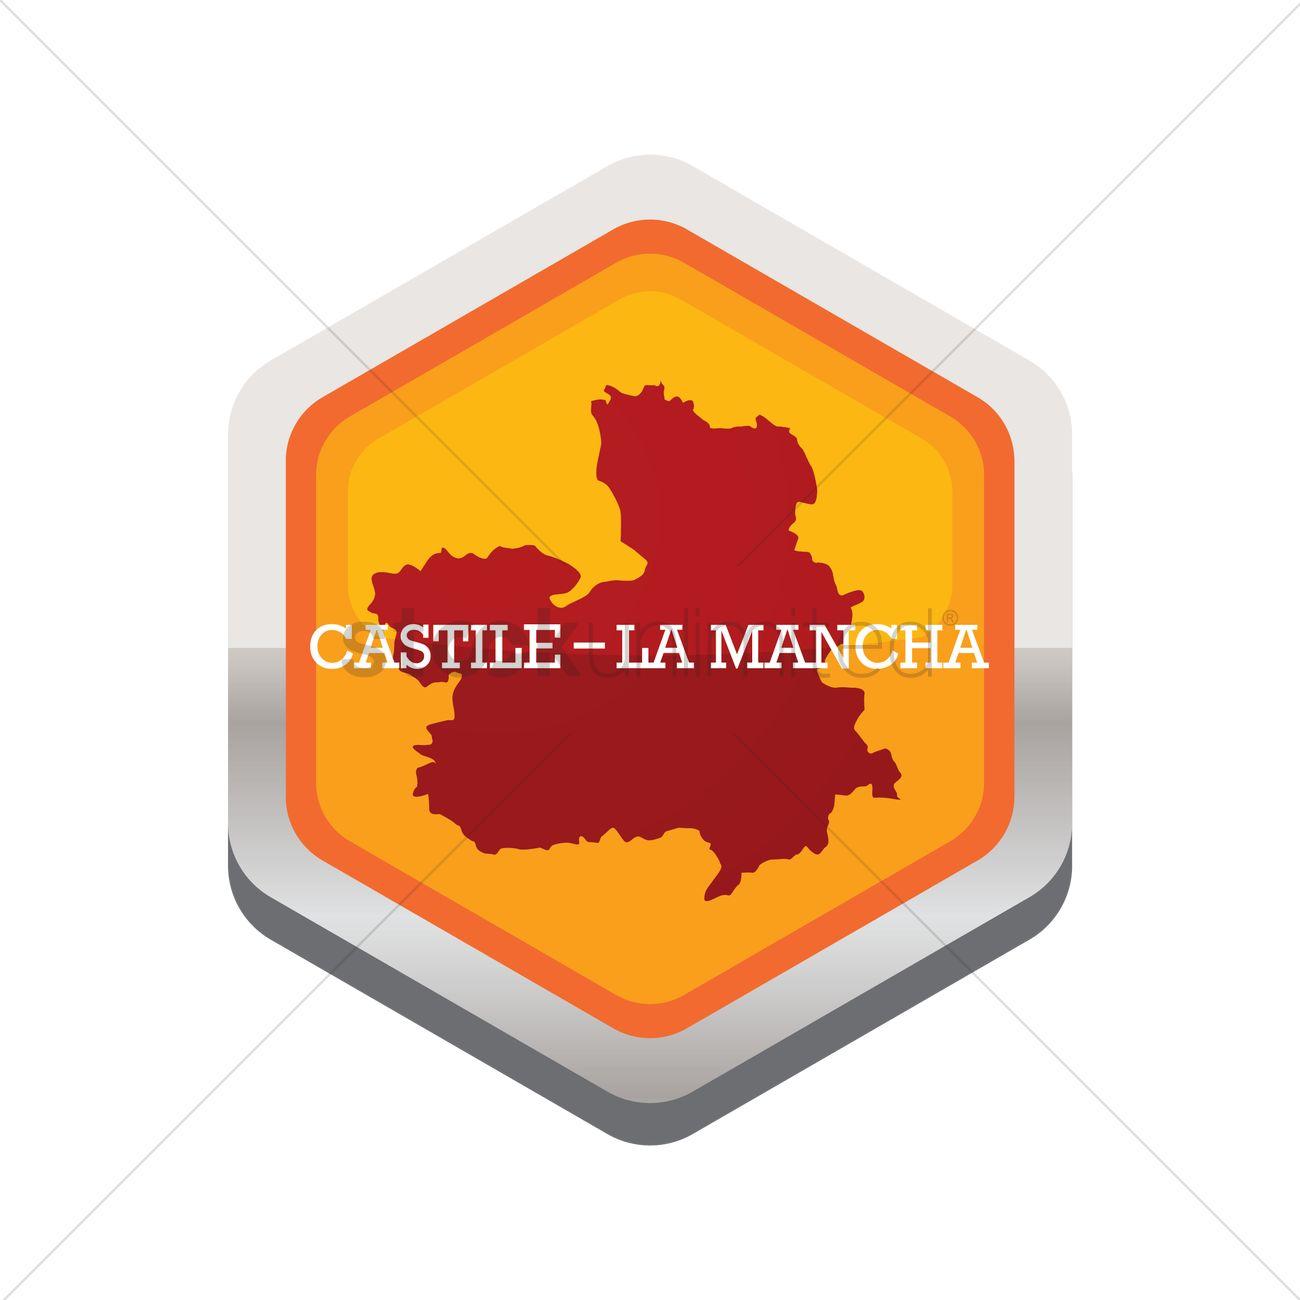 Castile.